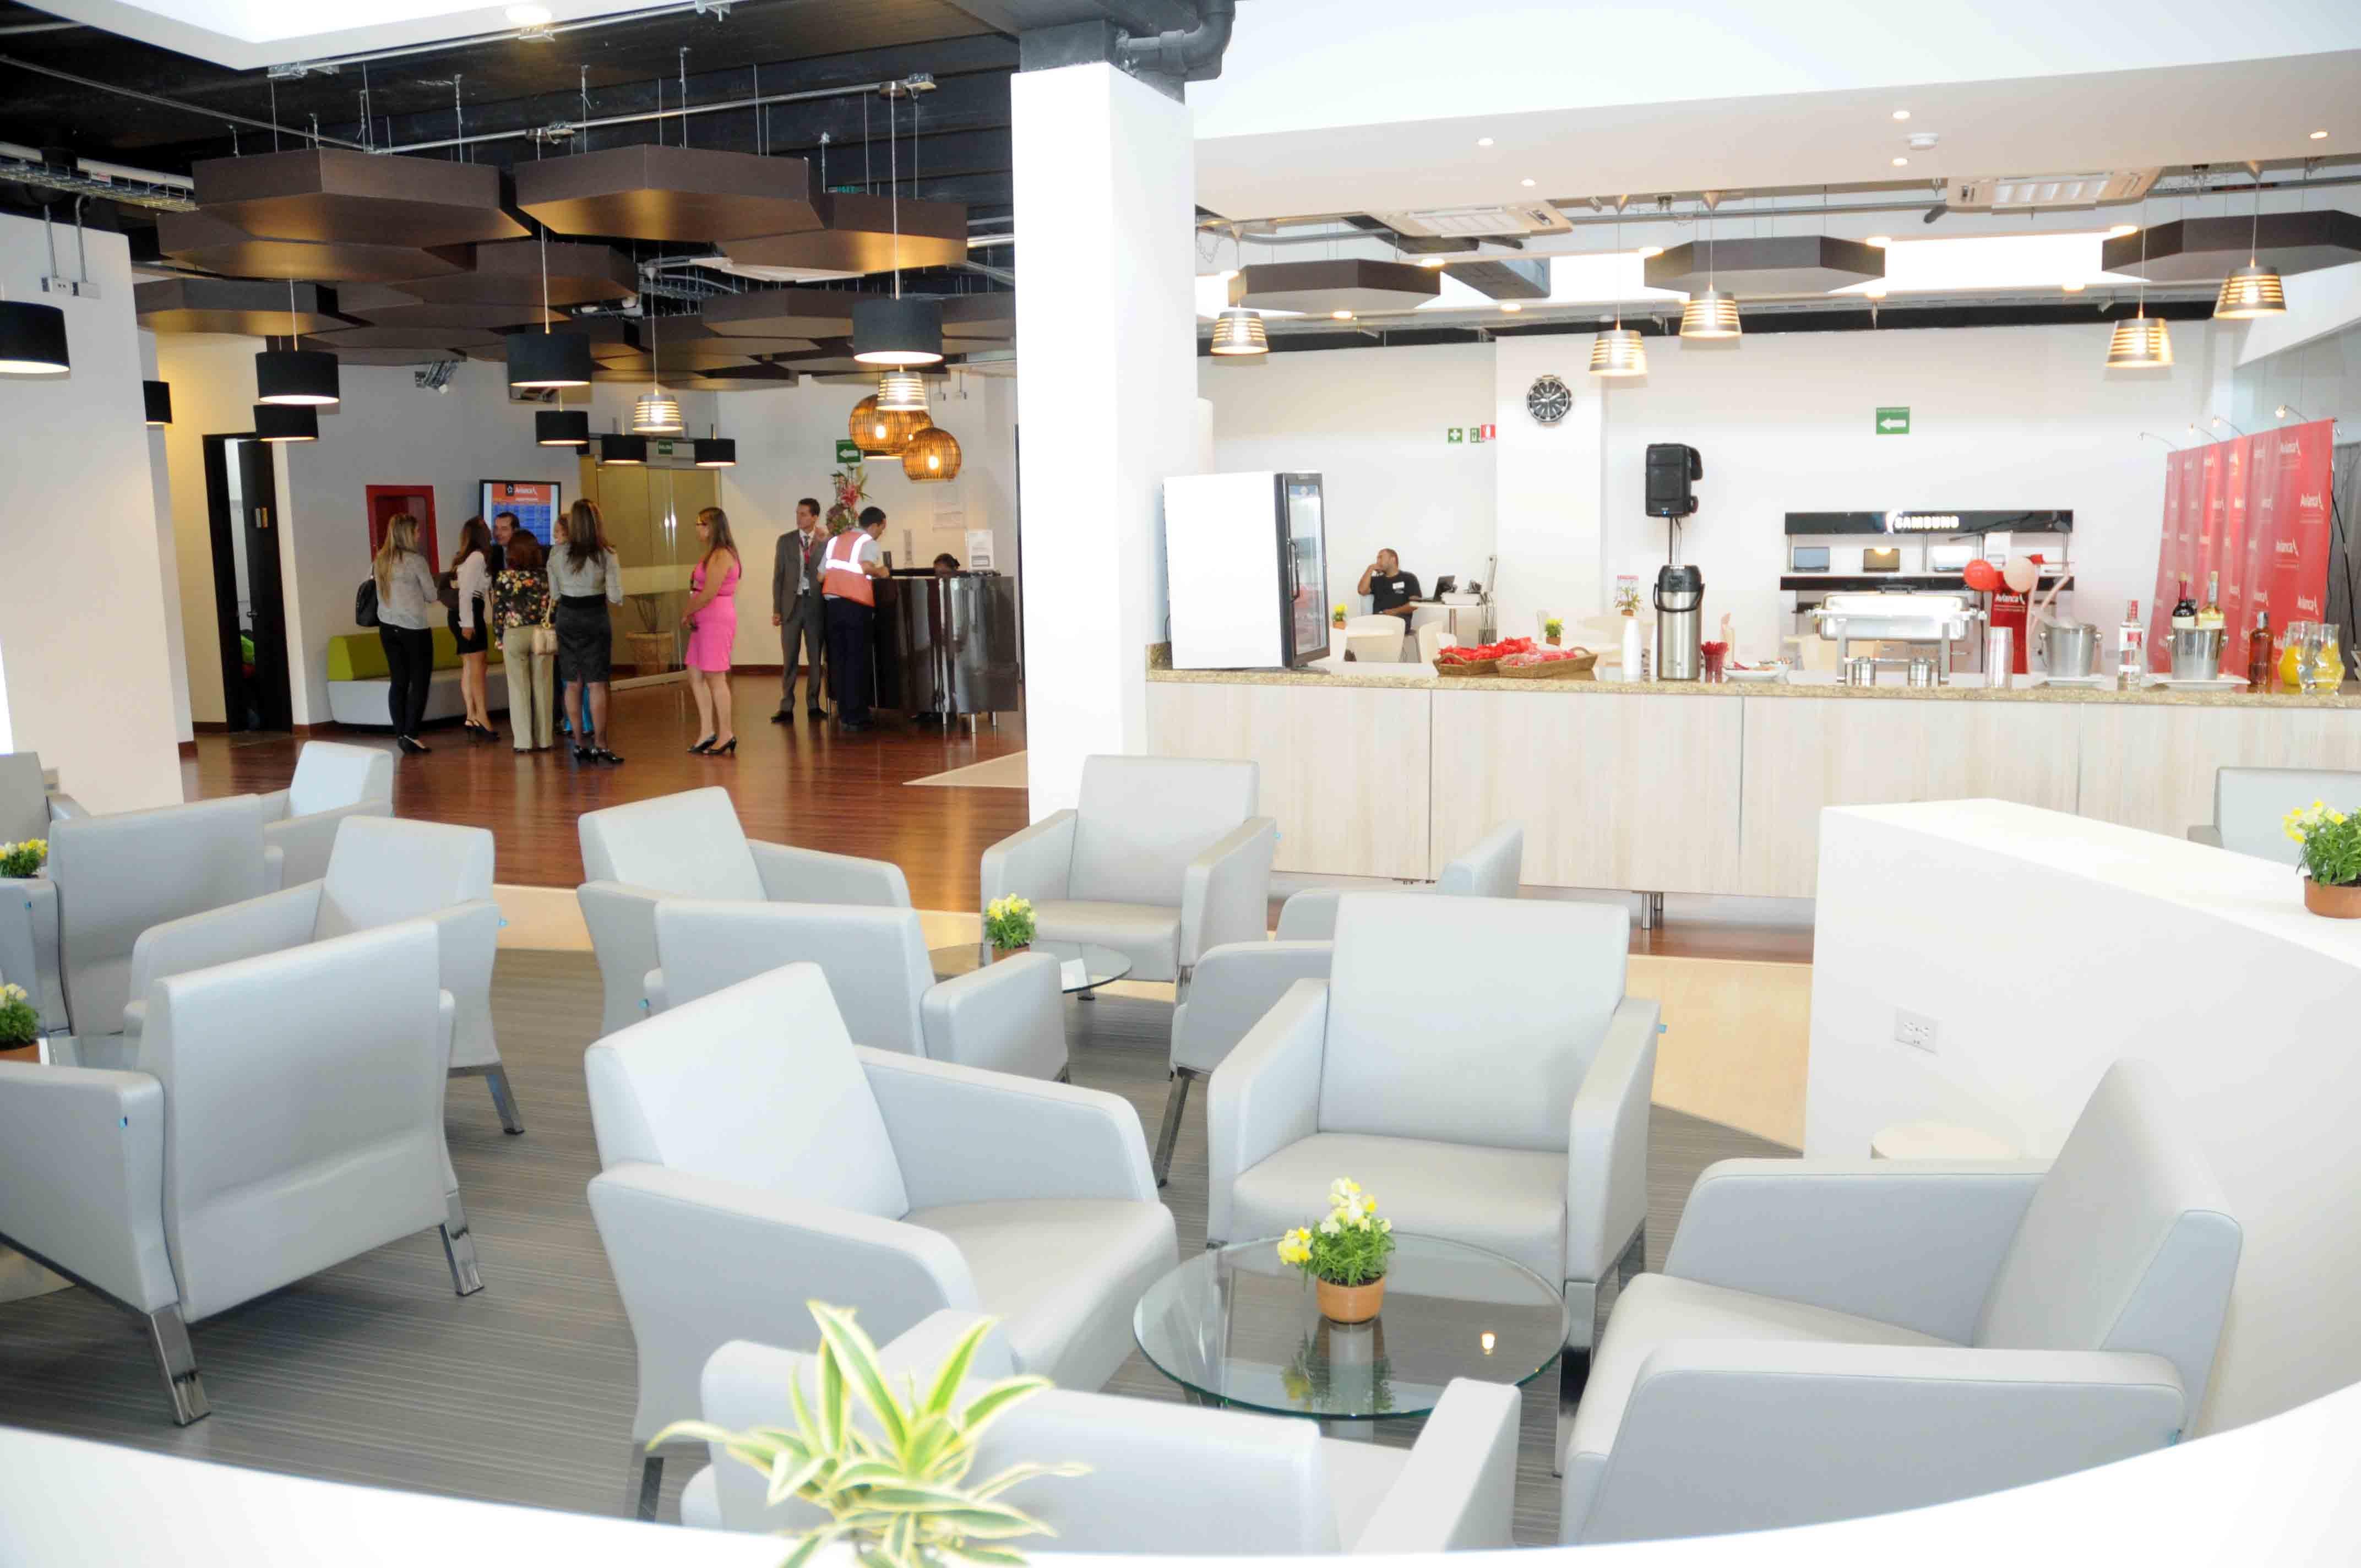 Entérese cómo los aeropuertos en América Latina buscan mejorar su oferta de servicios para ejecutivos